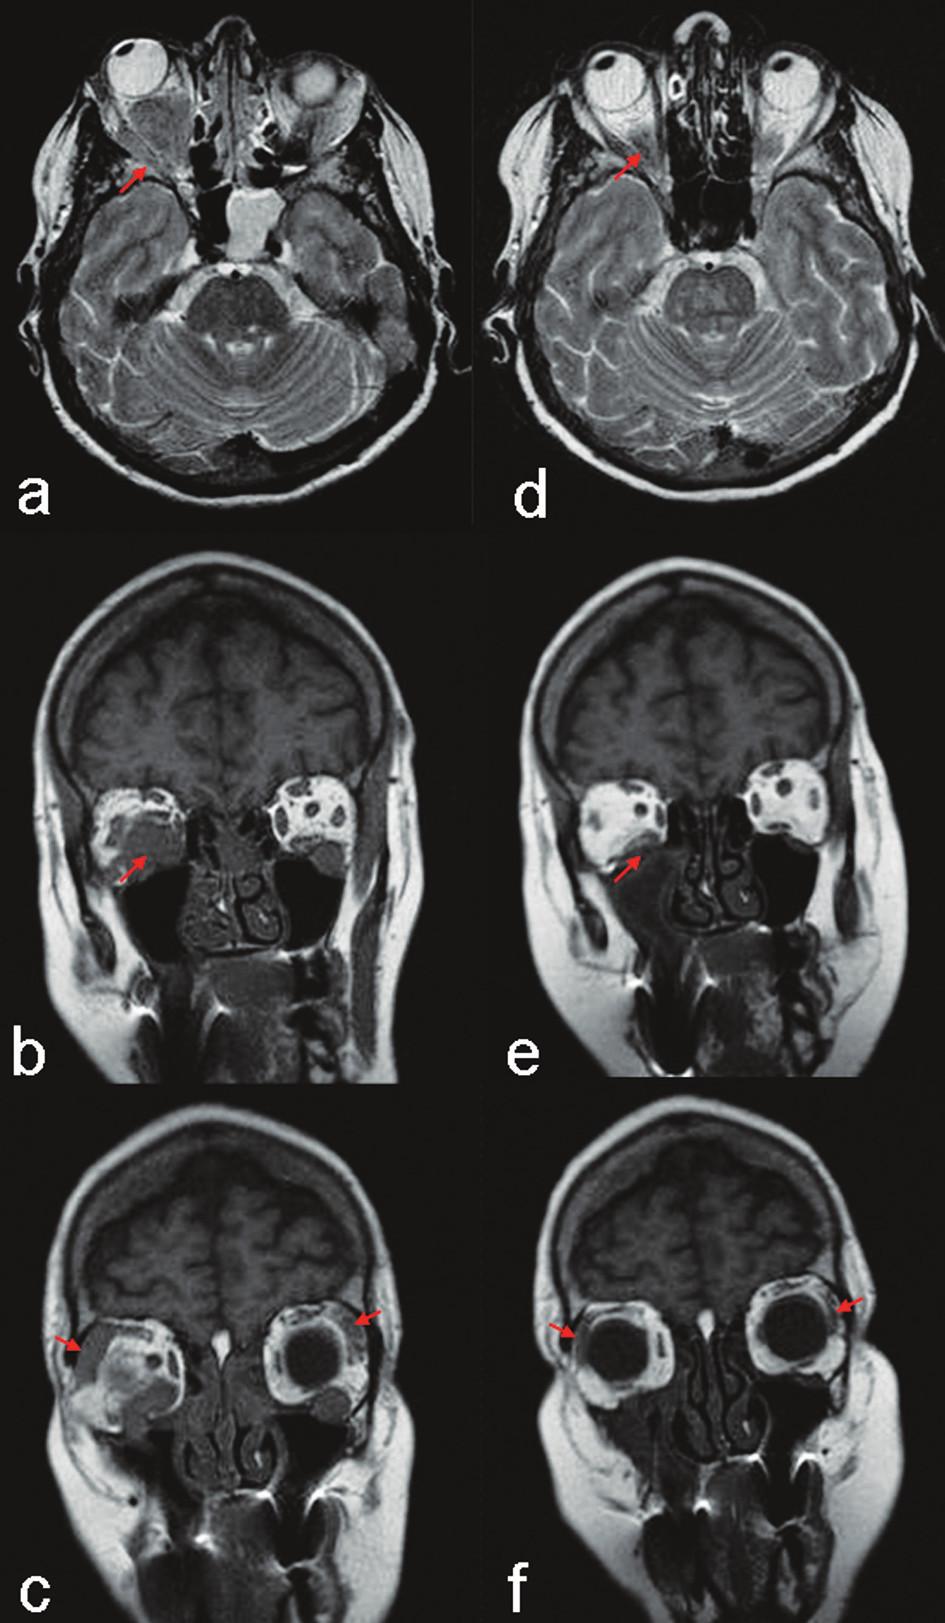 MR vyšetření (T2 tra a T1 cor): Před startem terapie objemný infiltrát oboustranně v n. maxillaris, vpravo podél m. rectus inferior a lateralis a pravostranný exoftalmus (část a, b - šipky); oboustranně, ale více vpravo, zbytnělá slzná žláza (část c, šipky). Kontrola za tři měsíce: minimální reziduum infiltrátu při m. rectus inferior, výrazný ústup exoftalmu (část d,  e - šipky) a velikosti obou slzných žláz (část f, šipky). Pravá strana je z pohledu vyšetřované osoby jako na obrázku 2.